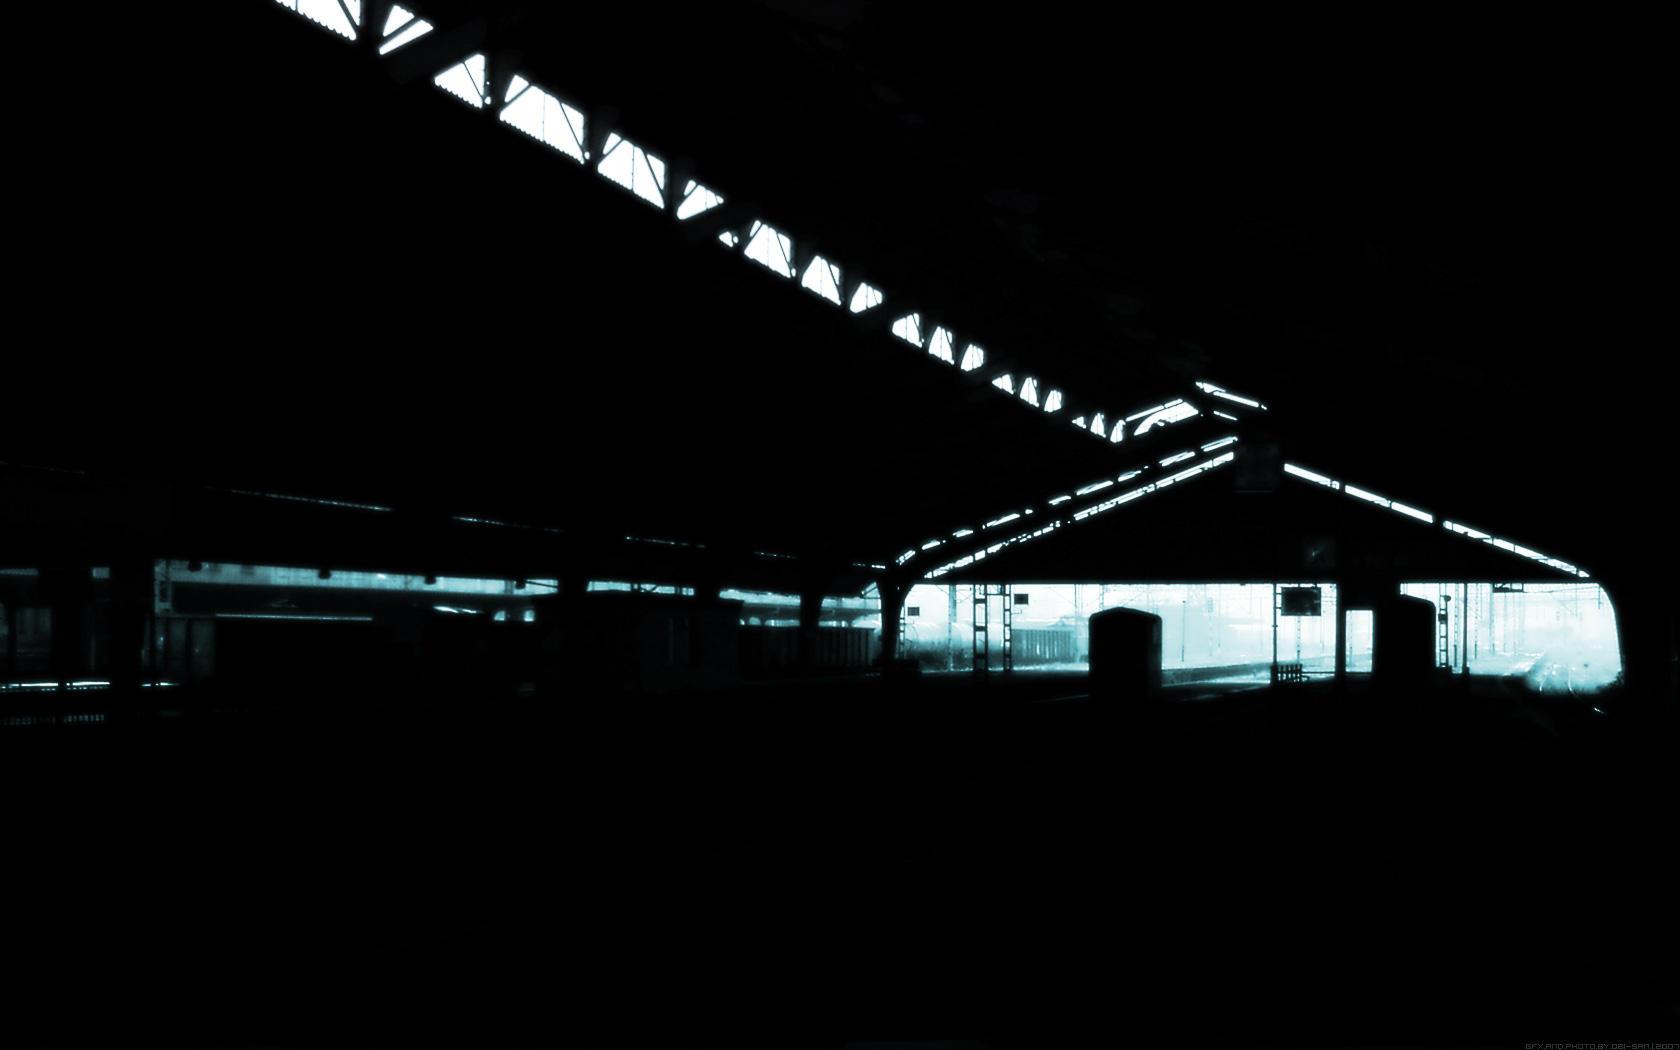 http://fc09.deviantart.net/fs24/i/2007/317/5/8/Forgotten_by_Obi_S4n.jpg